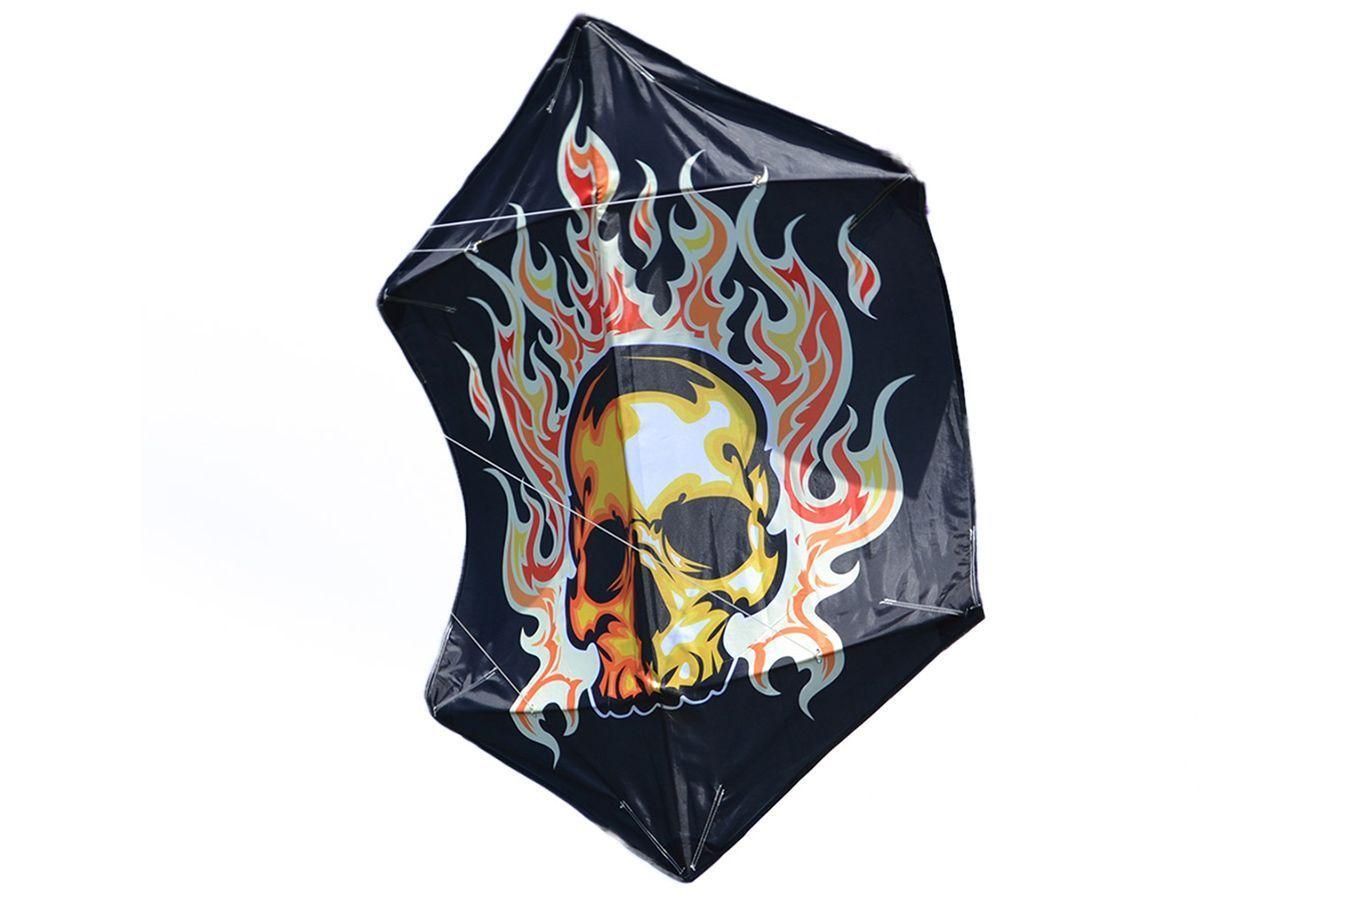 Огненная маска 1.2 метра, воздушный змей боевой Роккаку [ZBRRFM]